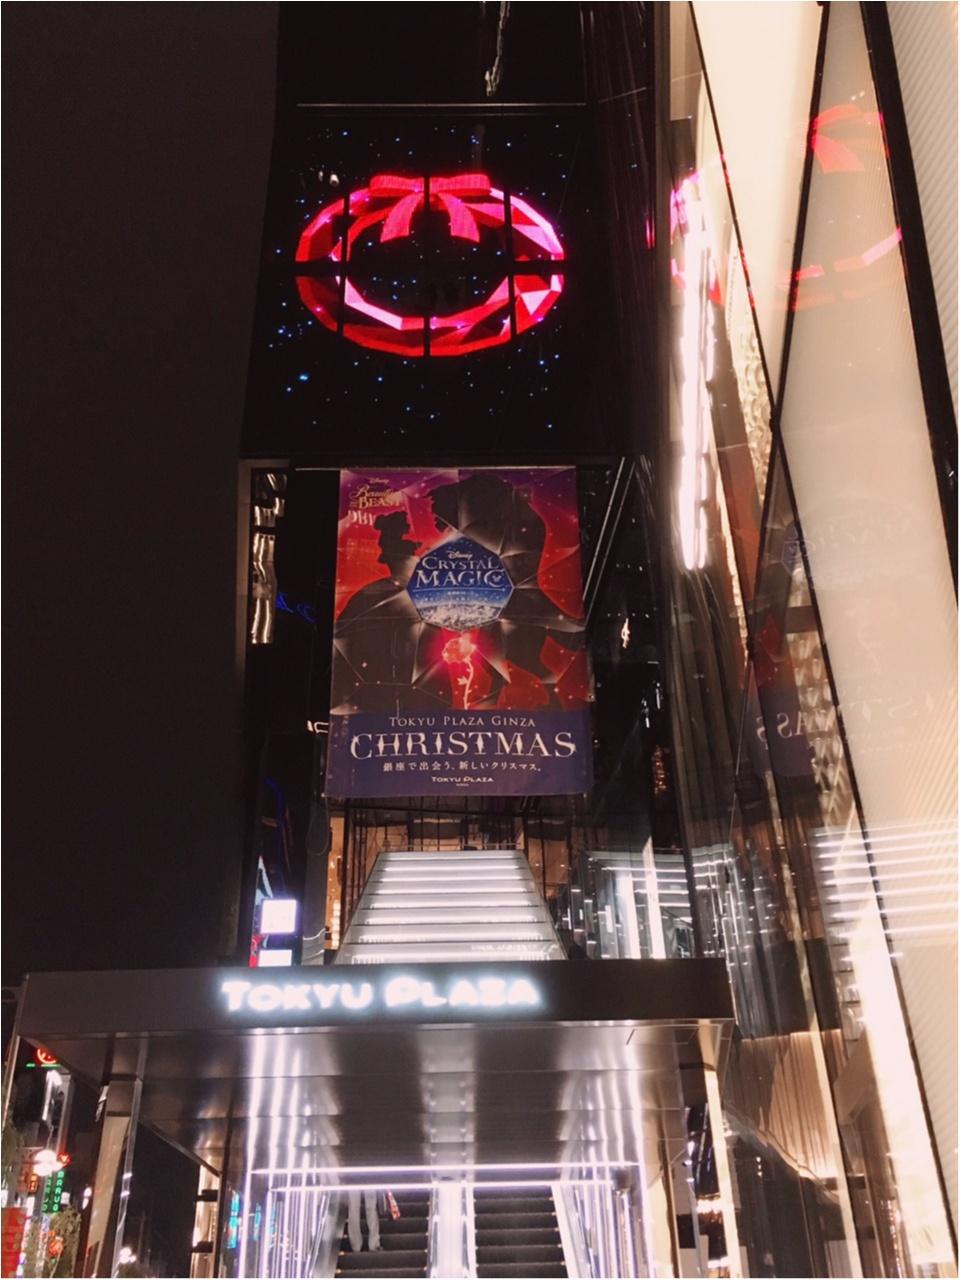 ディズニー映画『美女と野獣』がテーマの 『TOKYU PLAZA GINZA CHRISTMAS 2016』を写真たっぷりでご紹介しちゃいます♡_2